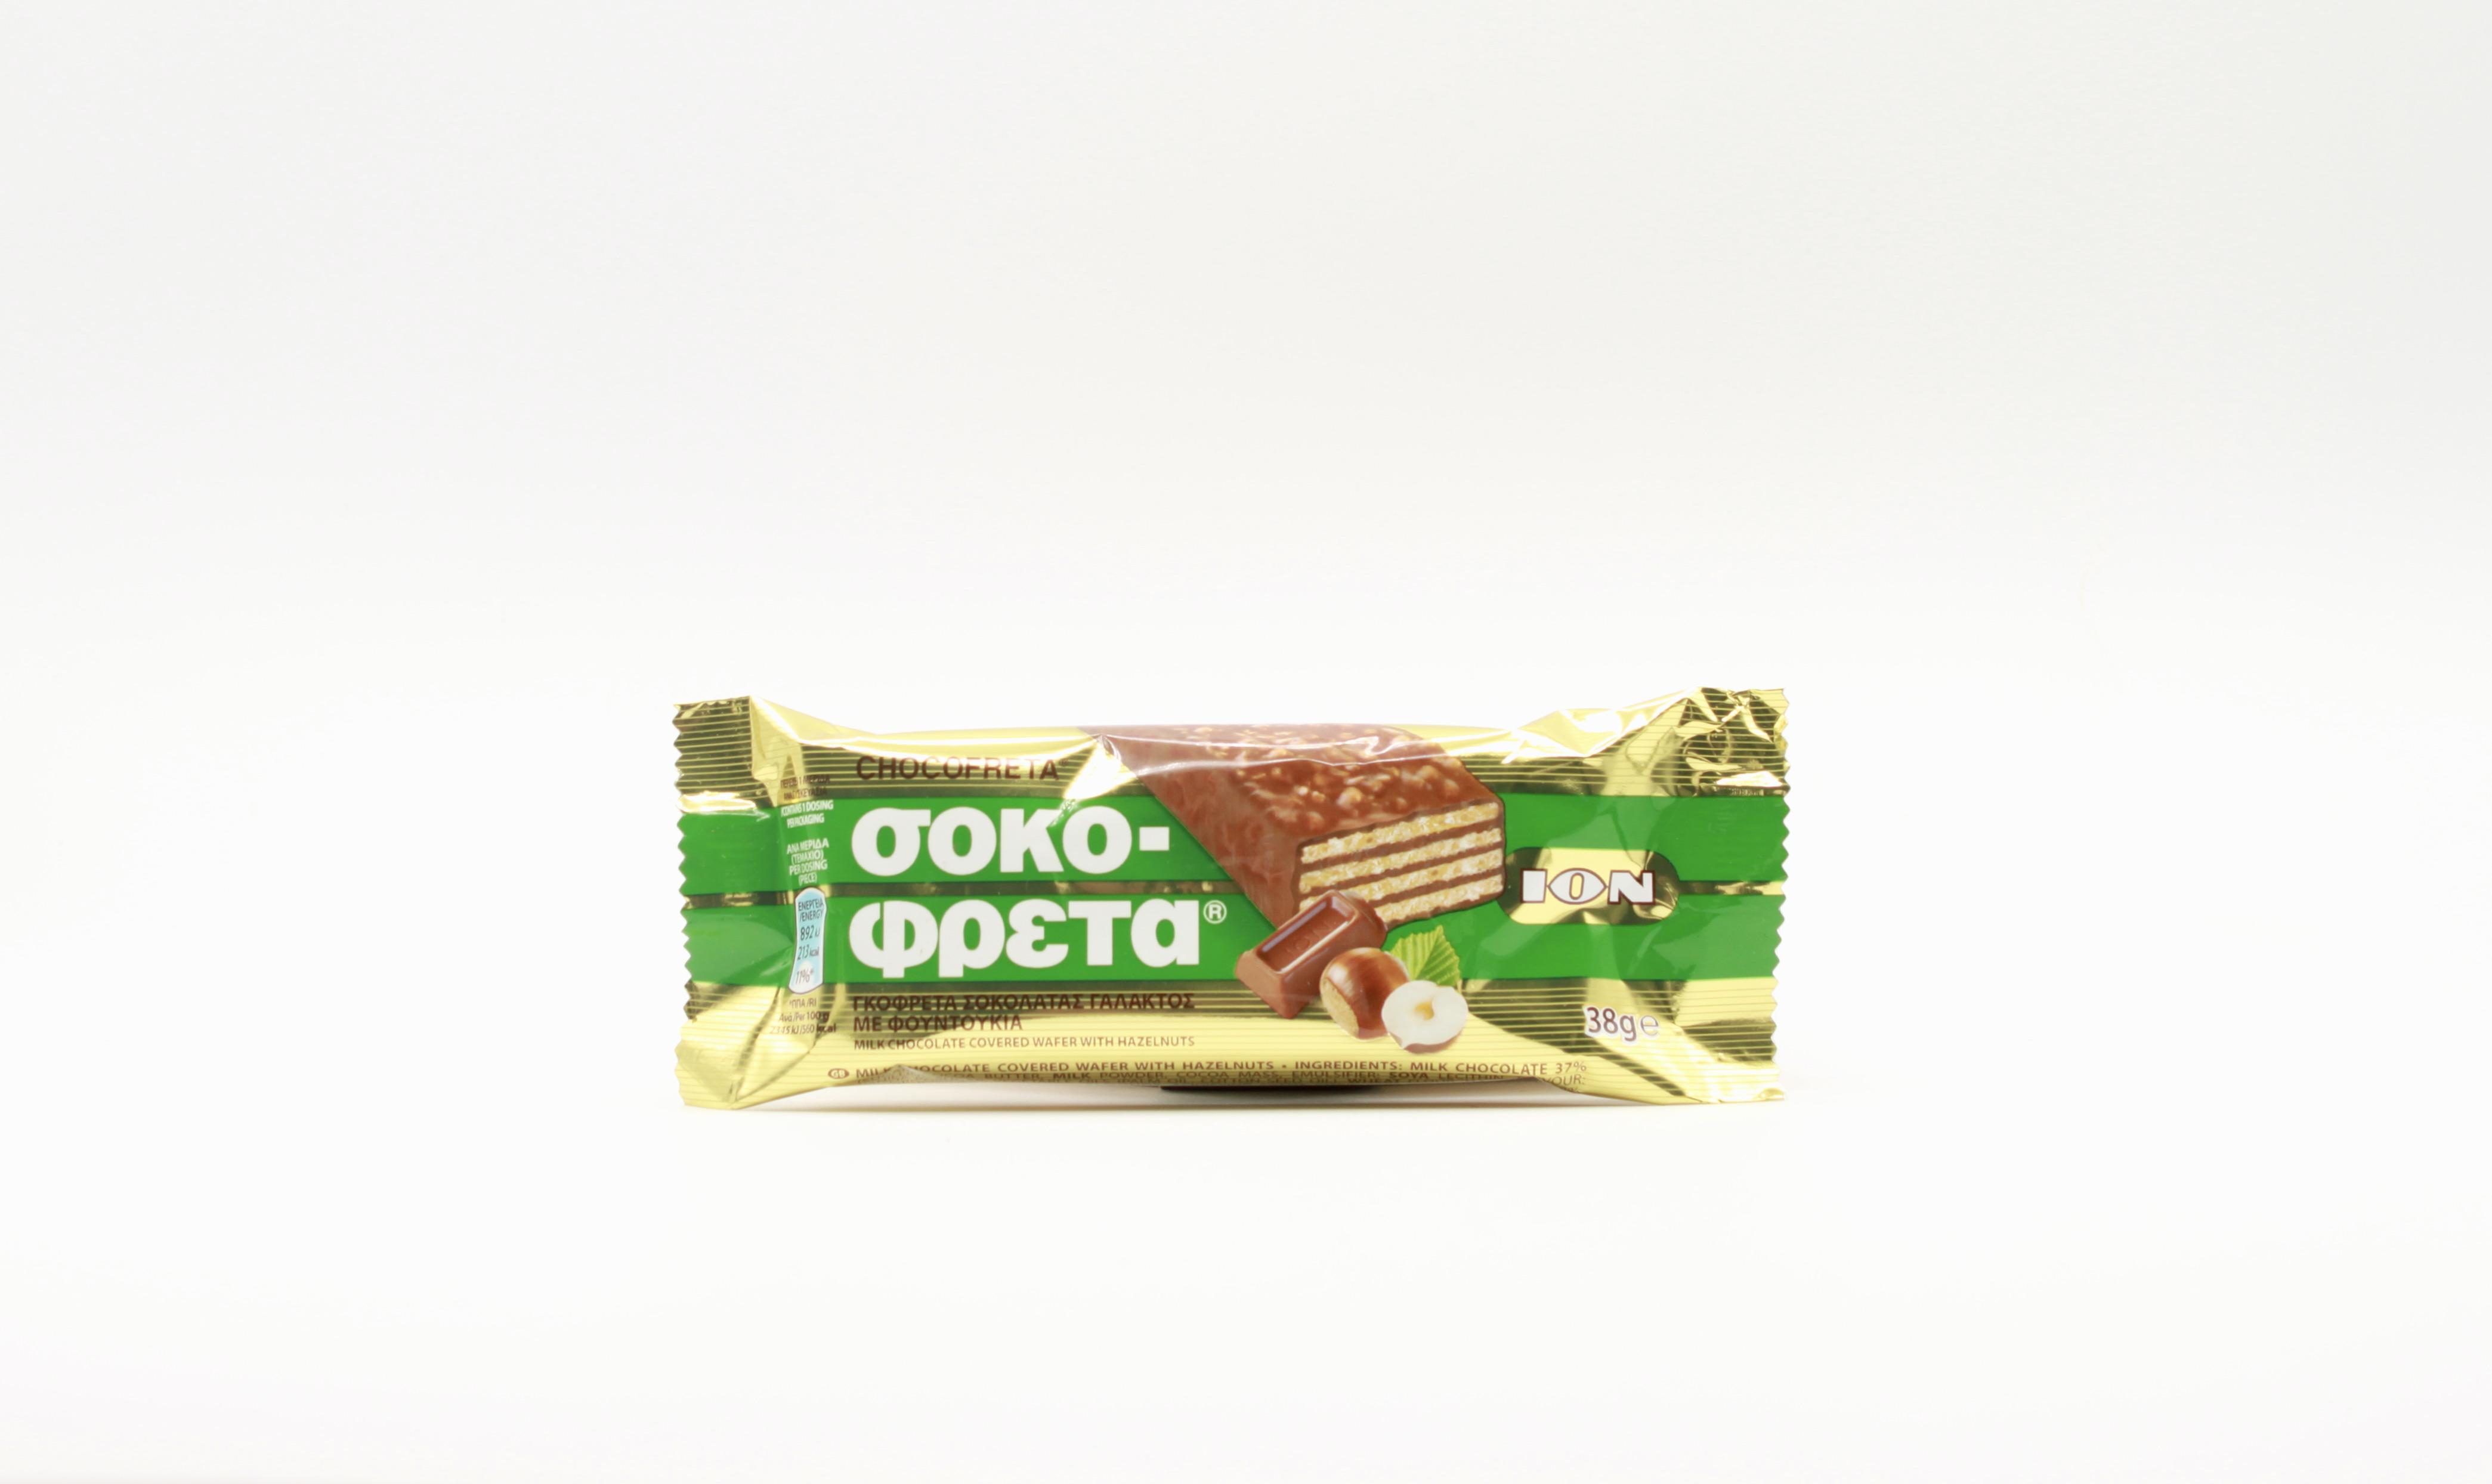 Schokofreta grün (38g) ION